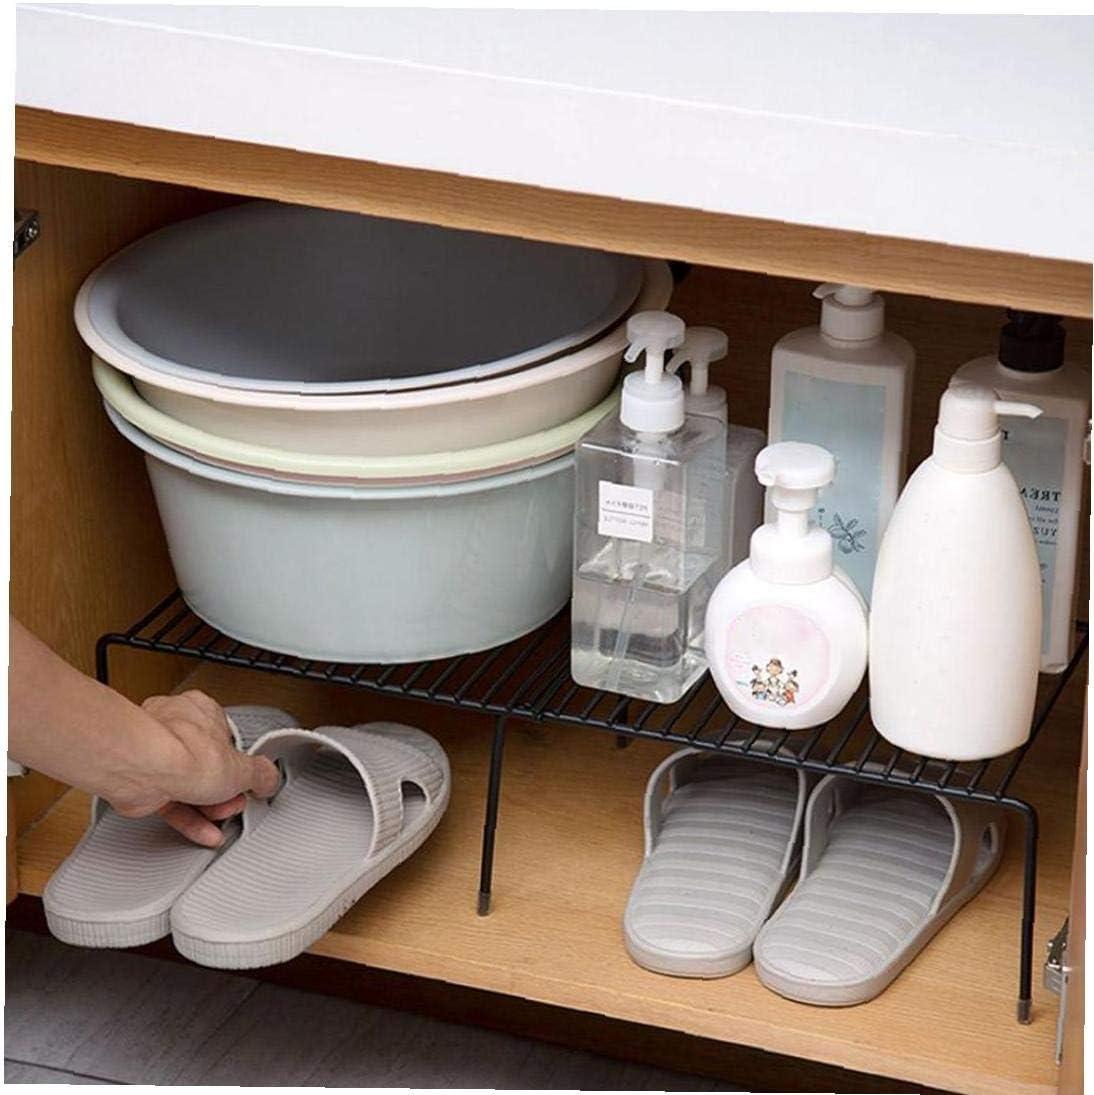 despensas encimeras Adore store Armario de la Cocina Estante Rejilla met/álica autoportante Estante de la Cocina Estante de Almacenamiento Ampliable Plataforma para armarios de Cocina